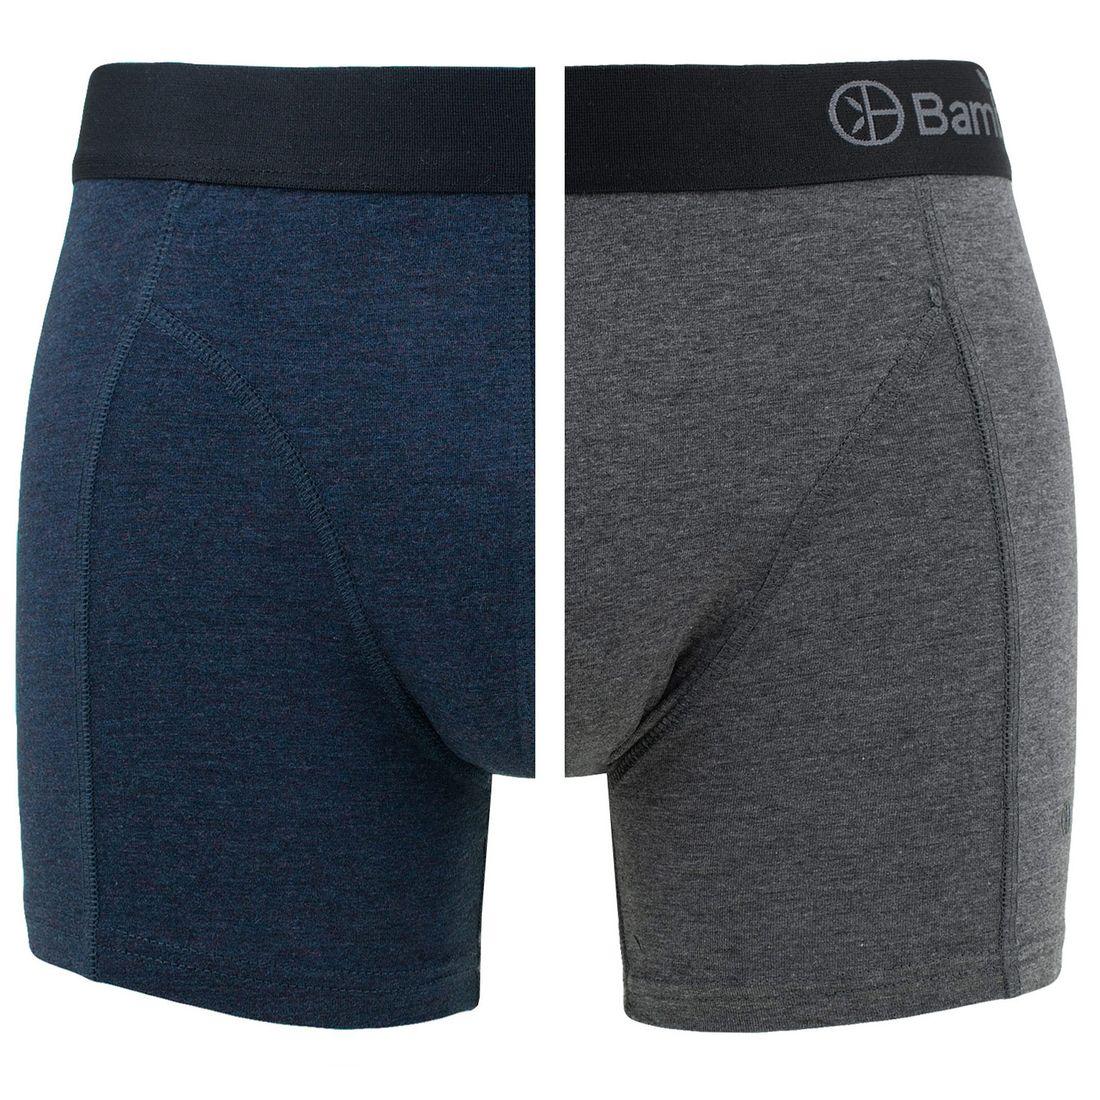 Afbeelding van Bamboo Basics boxers levi 2 pack blauw & grijs heren